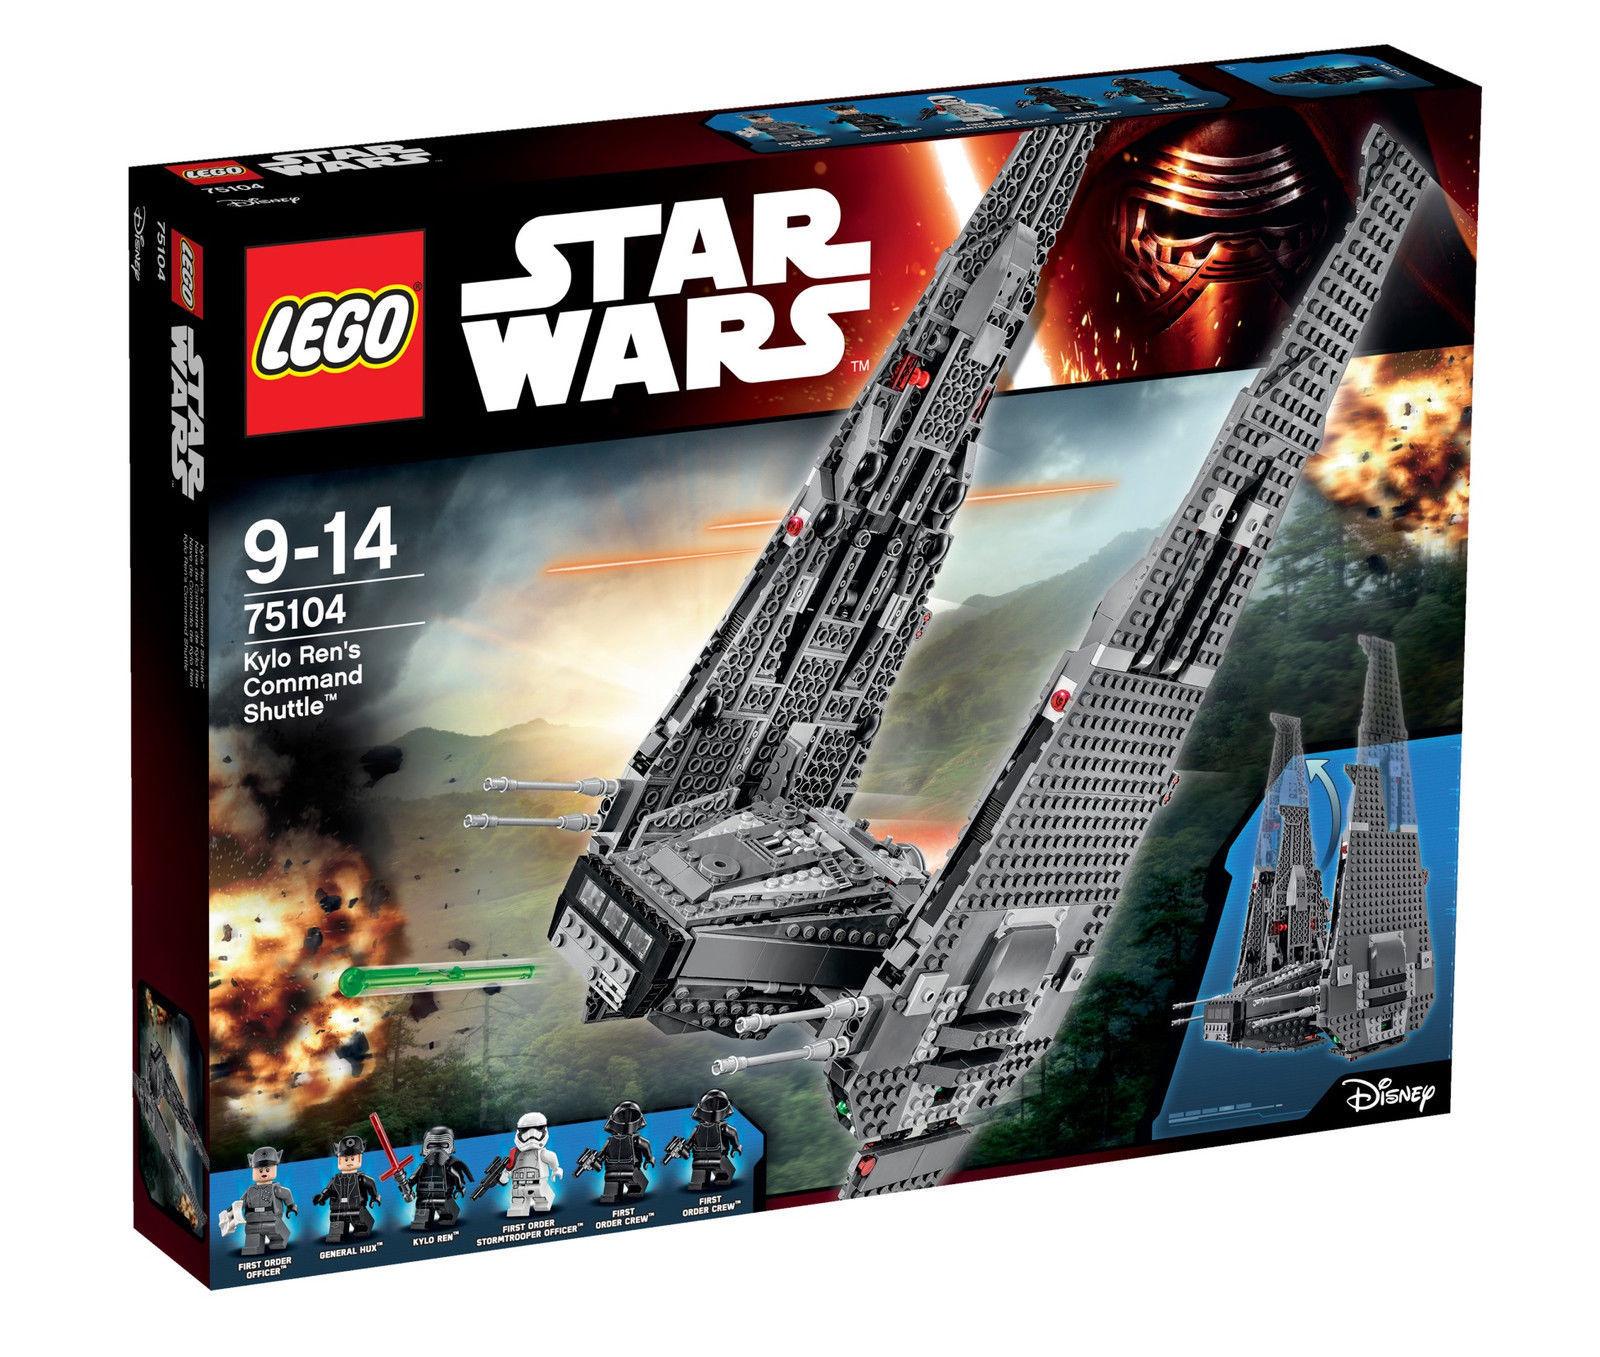 【瞎買天堂x現貨供應】樂高 LEGO 75104 星際大戰 凱羅忍者指揮戰艦【TYLESW03】